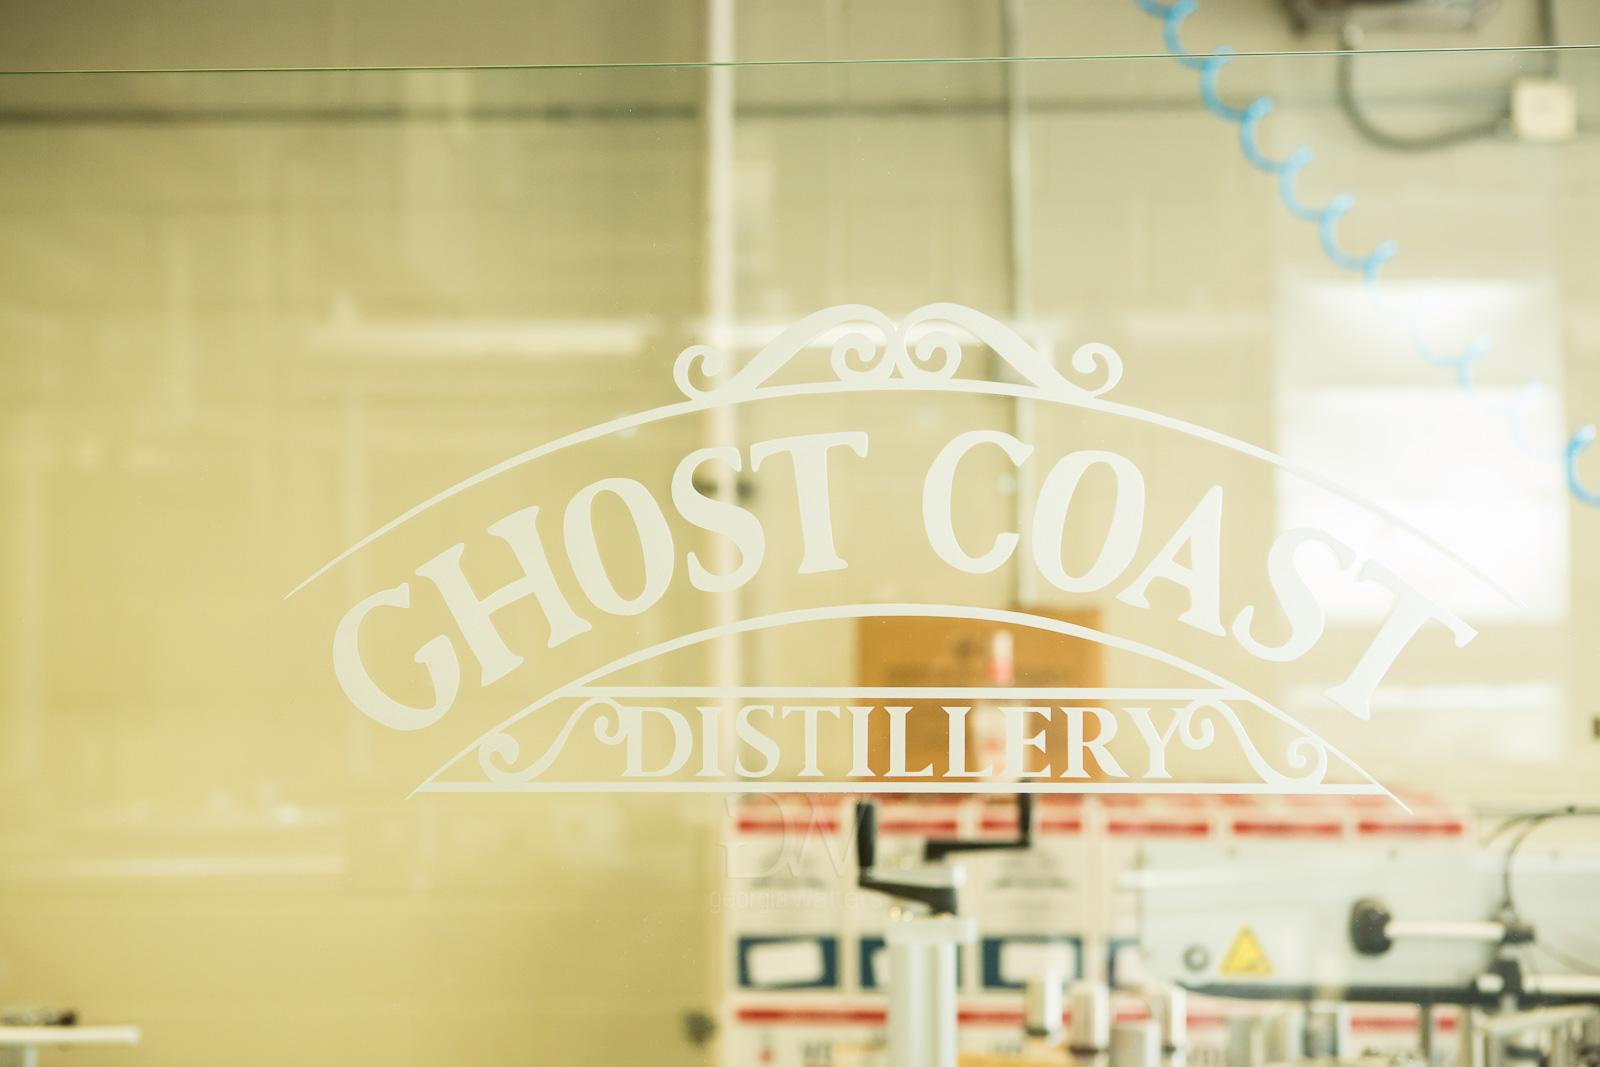 GhostCoast-3566.jpg